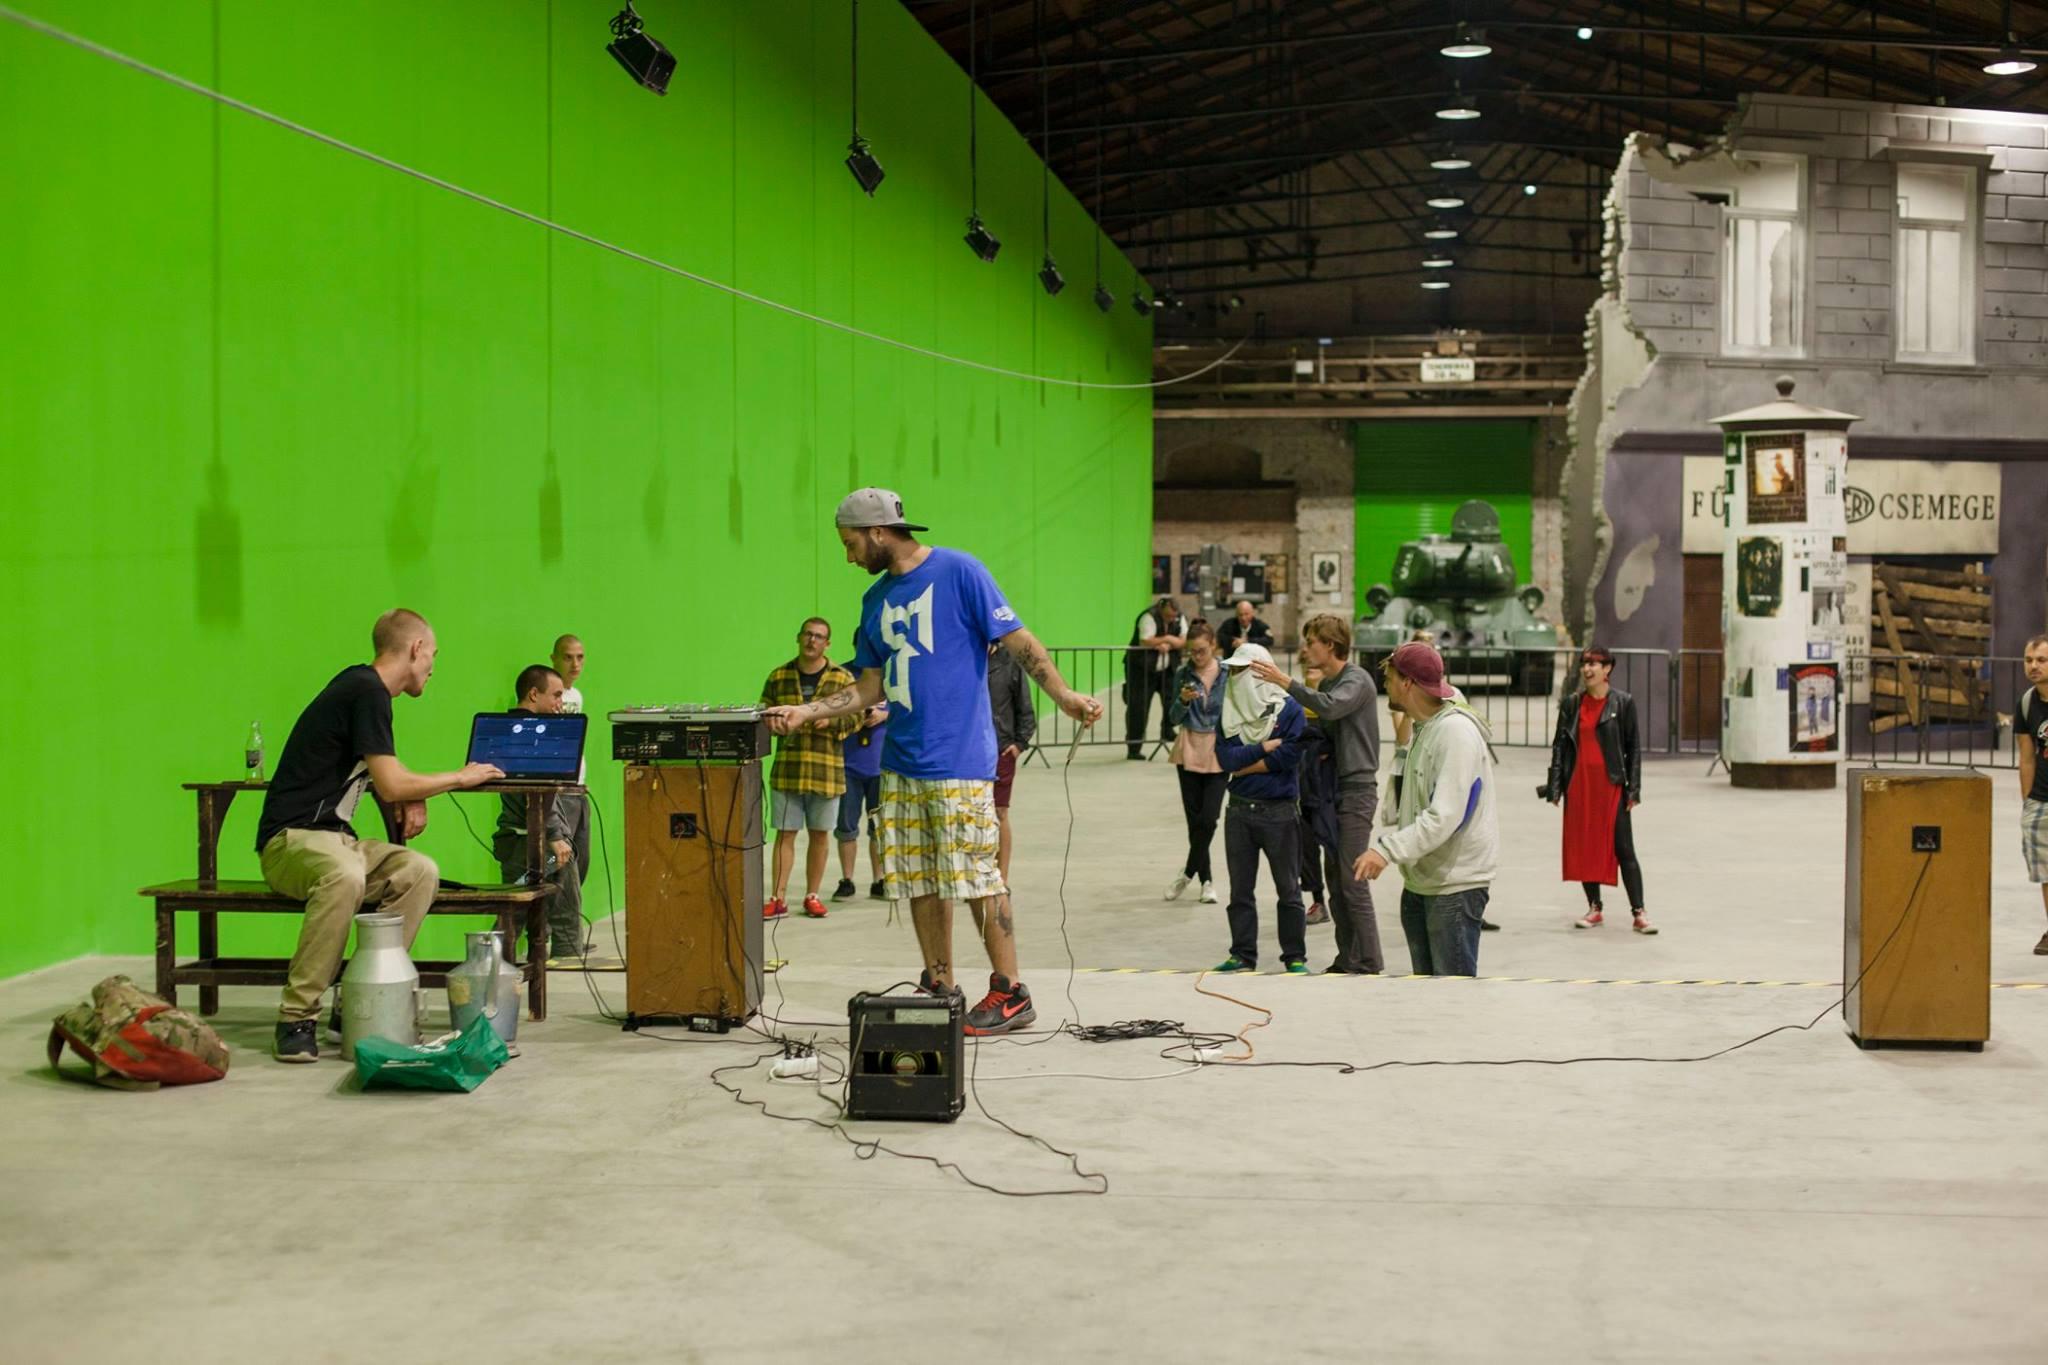 Az eseménysorozat harmadik helyszíne a Nemzeti Filmtörténeti Élménypark green-box terme volt, ahol előzenekarként fellépett az ózdi SzeszreKészek, majd őket követte Gazsi Rap Show, akivel a filmes díszletek között egy klipet is forgattak.